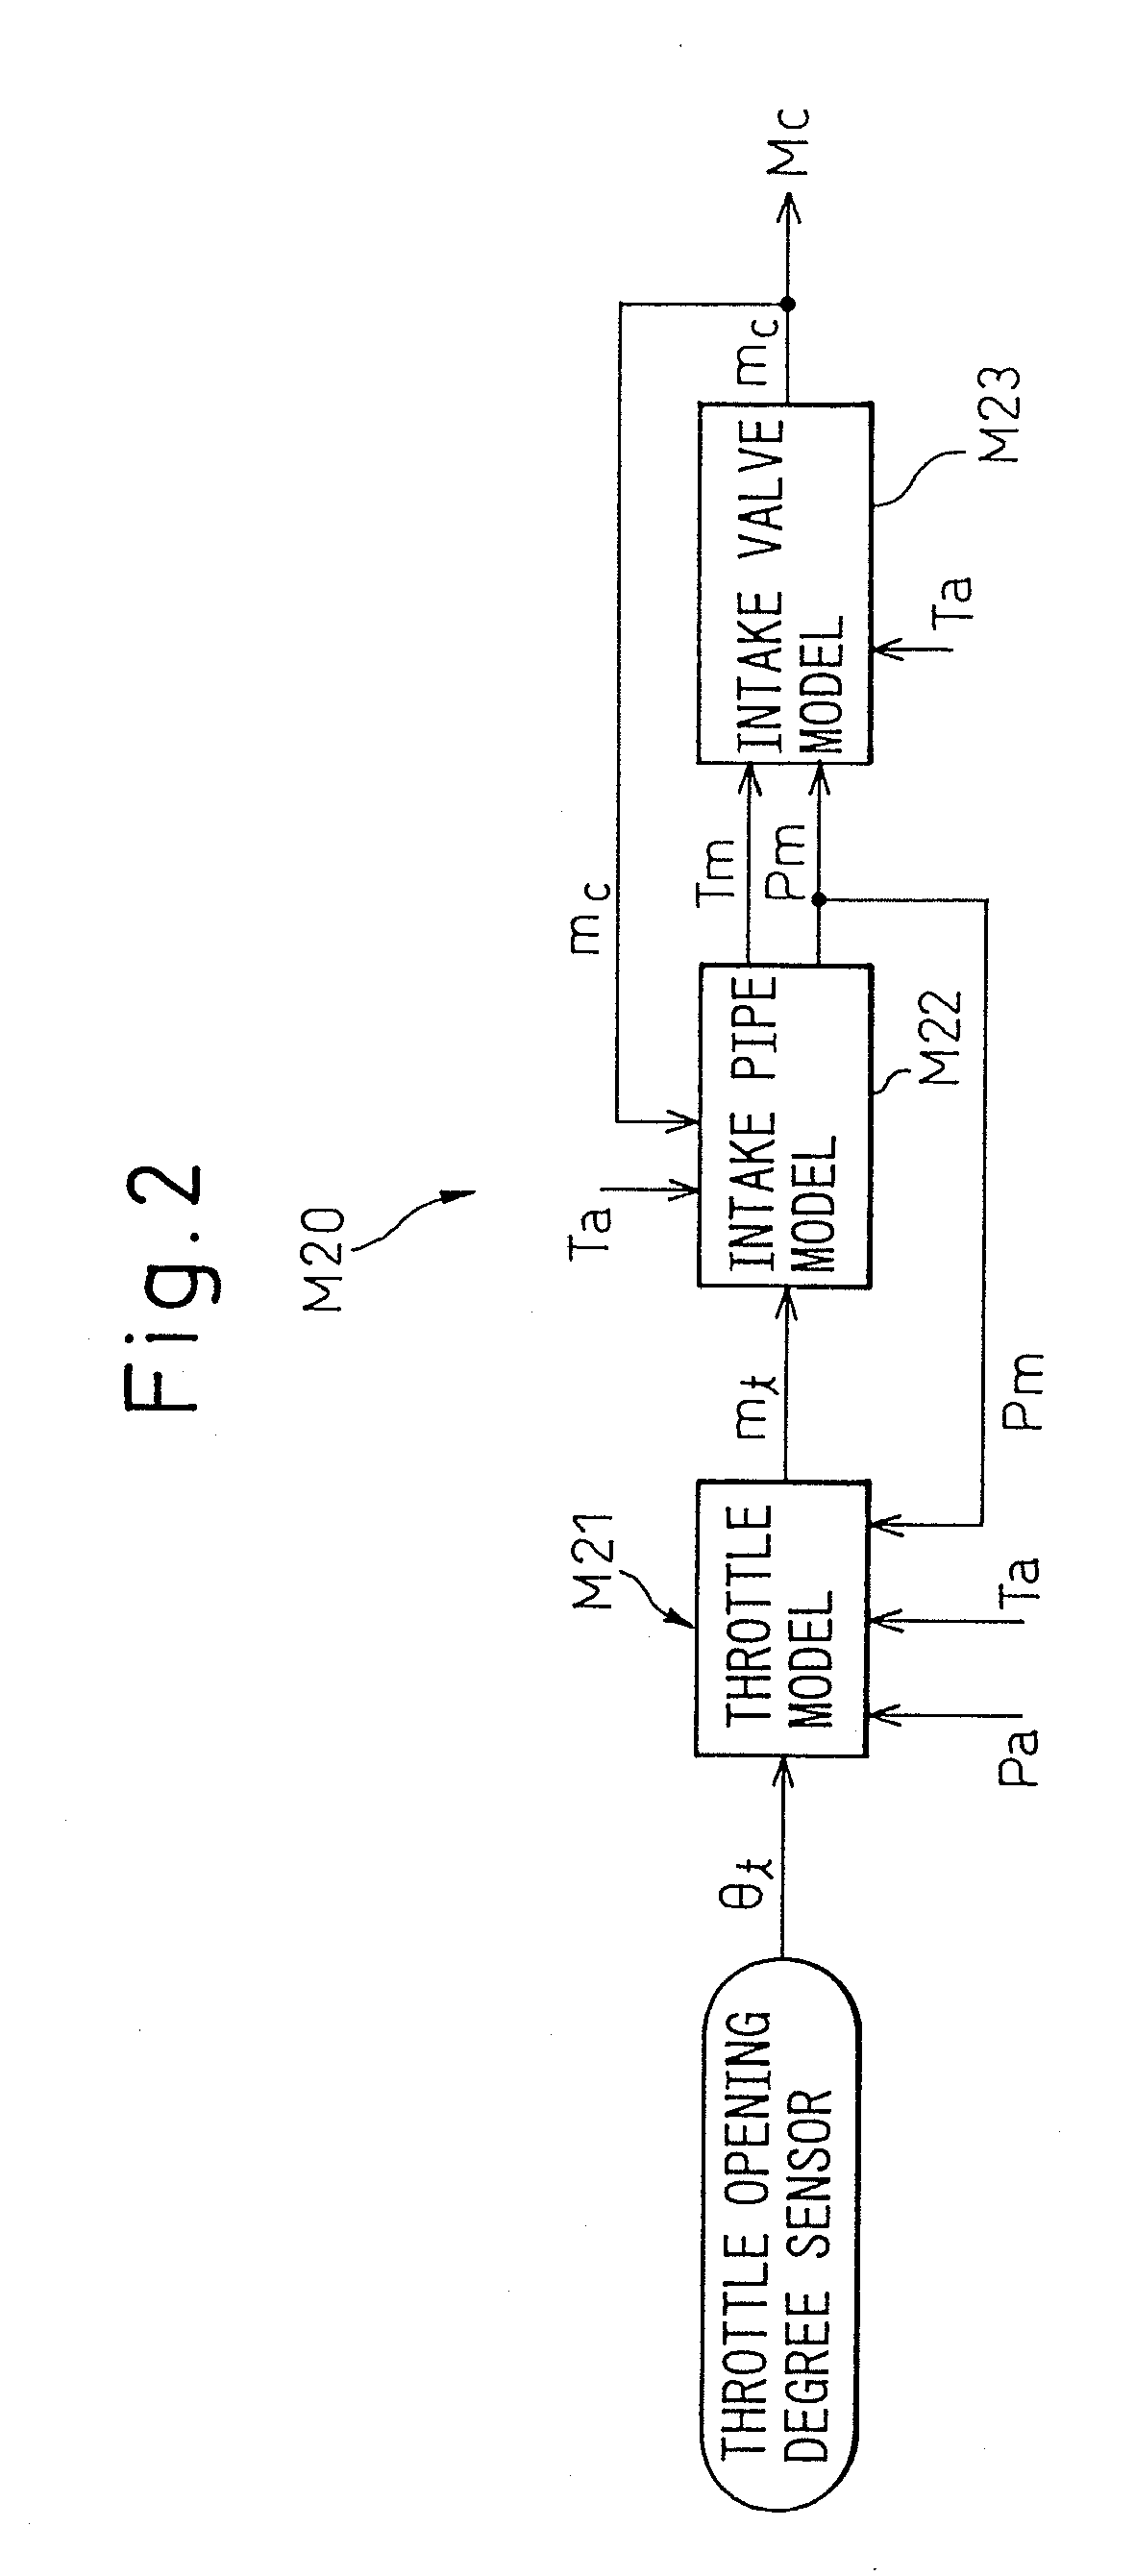 patente ep2264300a2 - system zur berechnung des